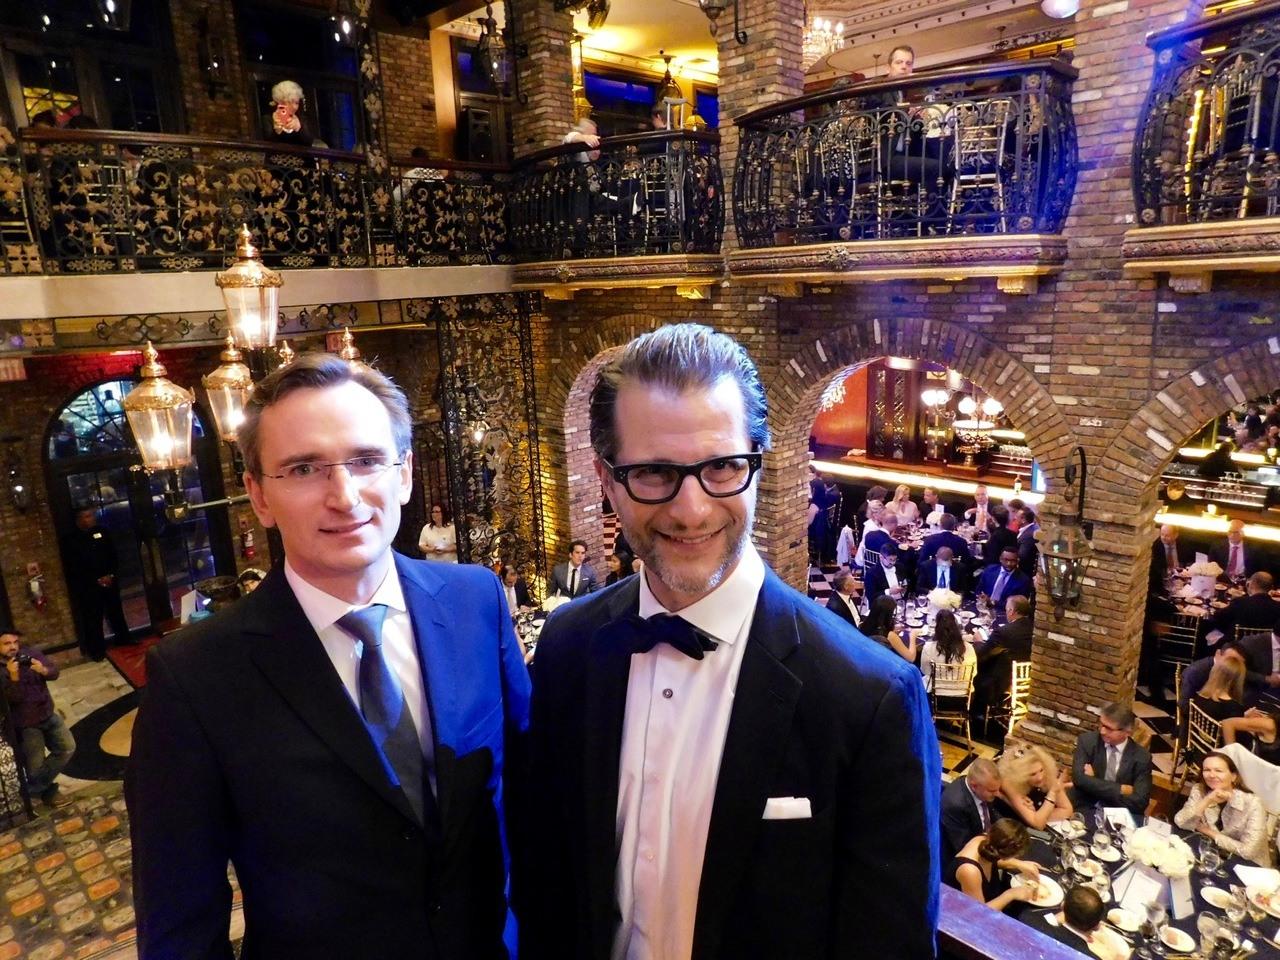 Le consul de France Clément Leclerc avec Gary Birnberg, président de la FACC Miami, lors du gala 2017 de la FACC.